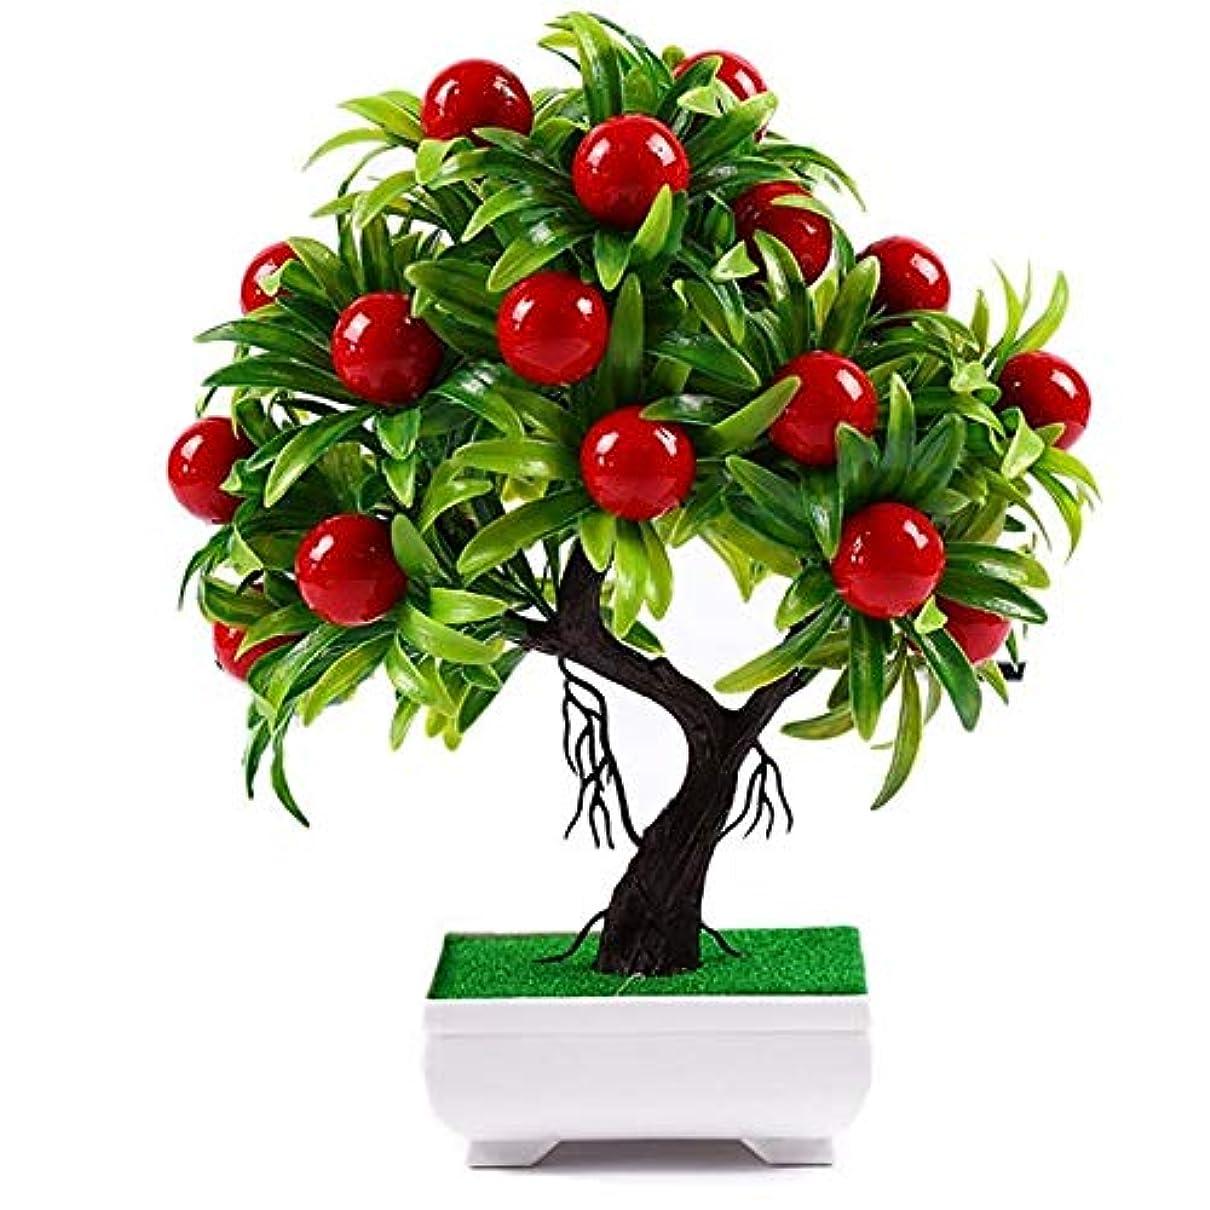 苦いバックアップ有害なパーフェクト装飾 人工植物盆栽小さな木鉢植え模擬ホー鉢植えの装飾品のホームデコレーションホテルガーデンインテリア 環境の最適化 (Color : Multi)